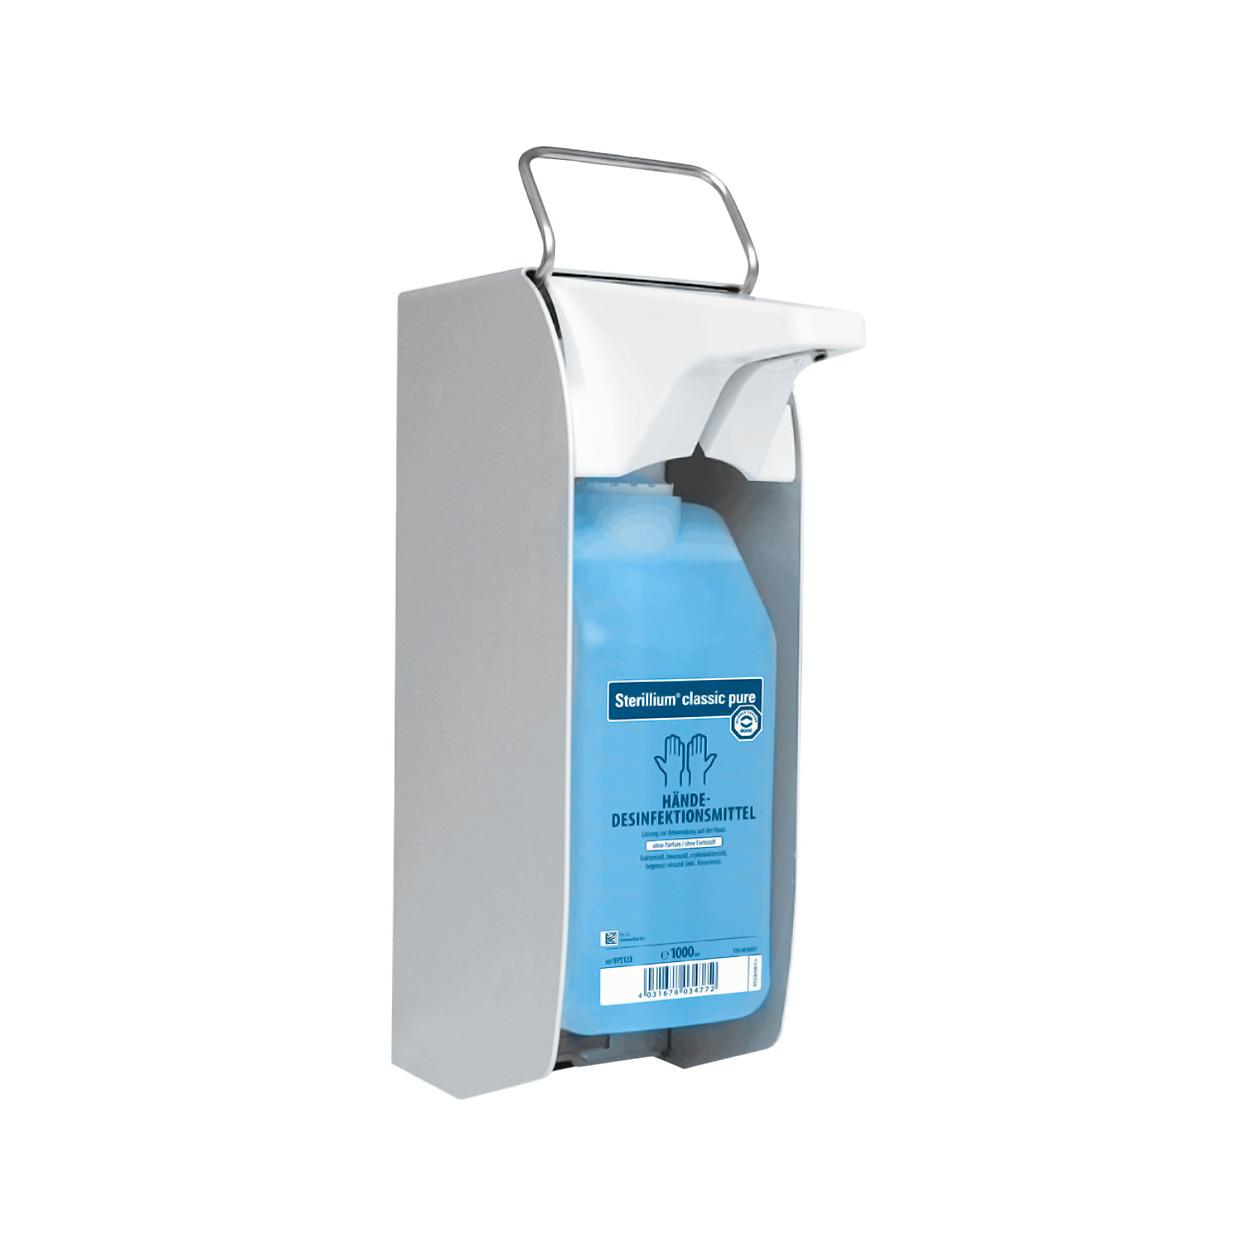 BODE Eurospender 1 plus Touchless Spender für 1 l-Flasche